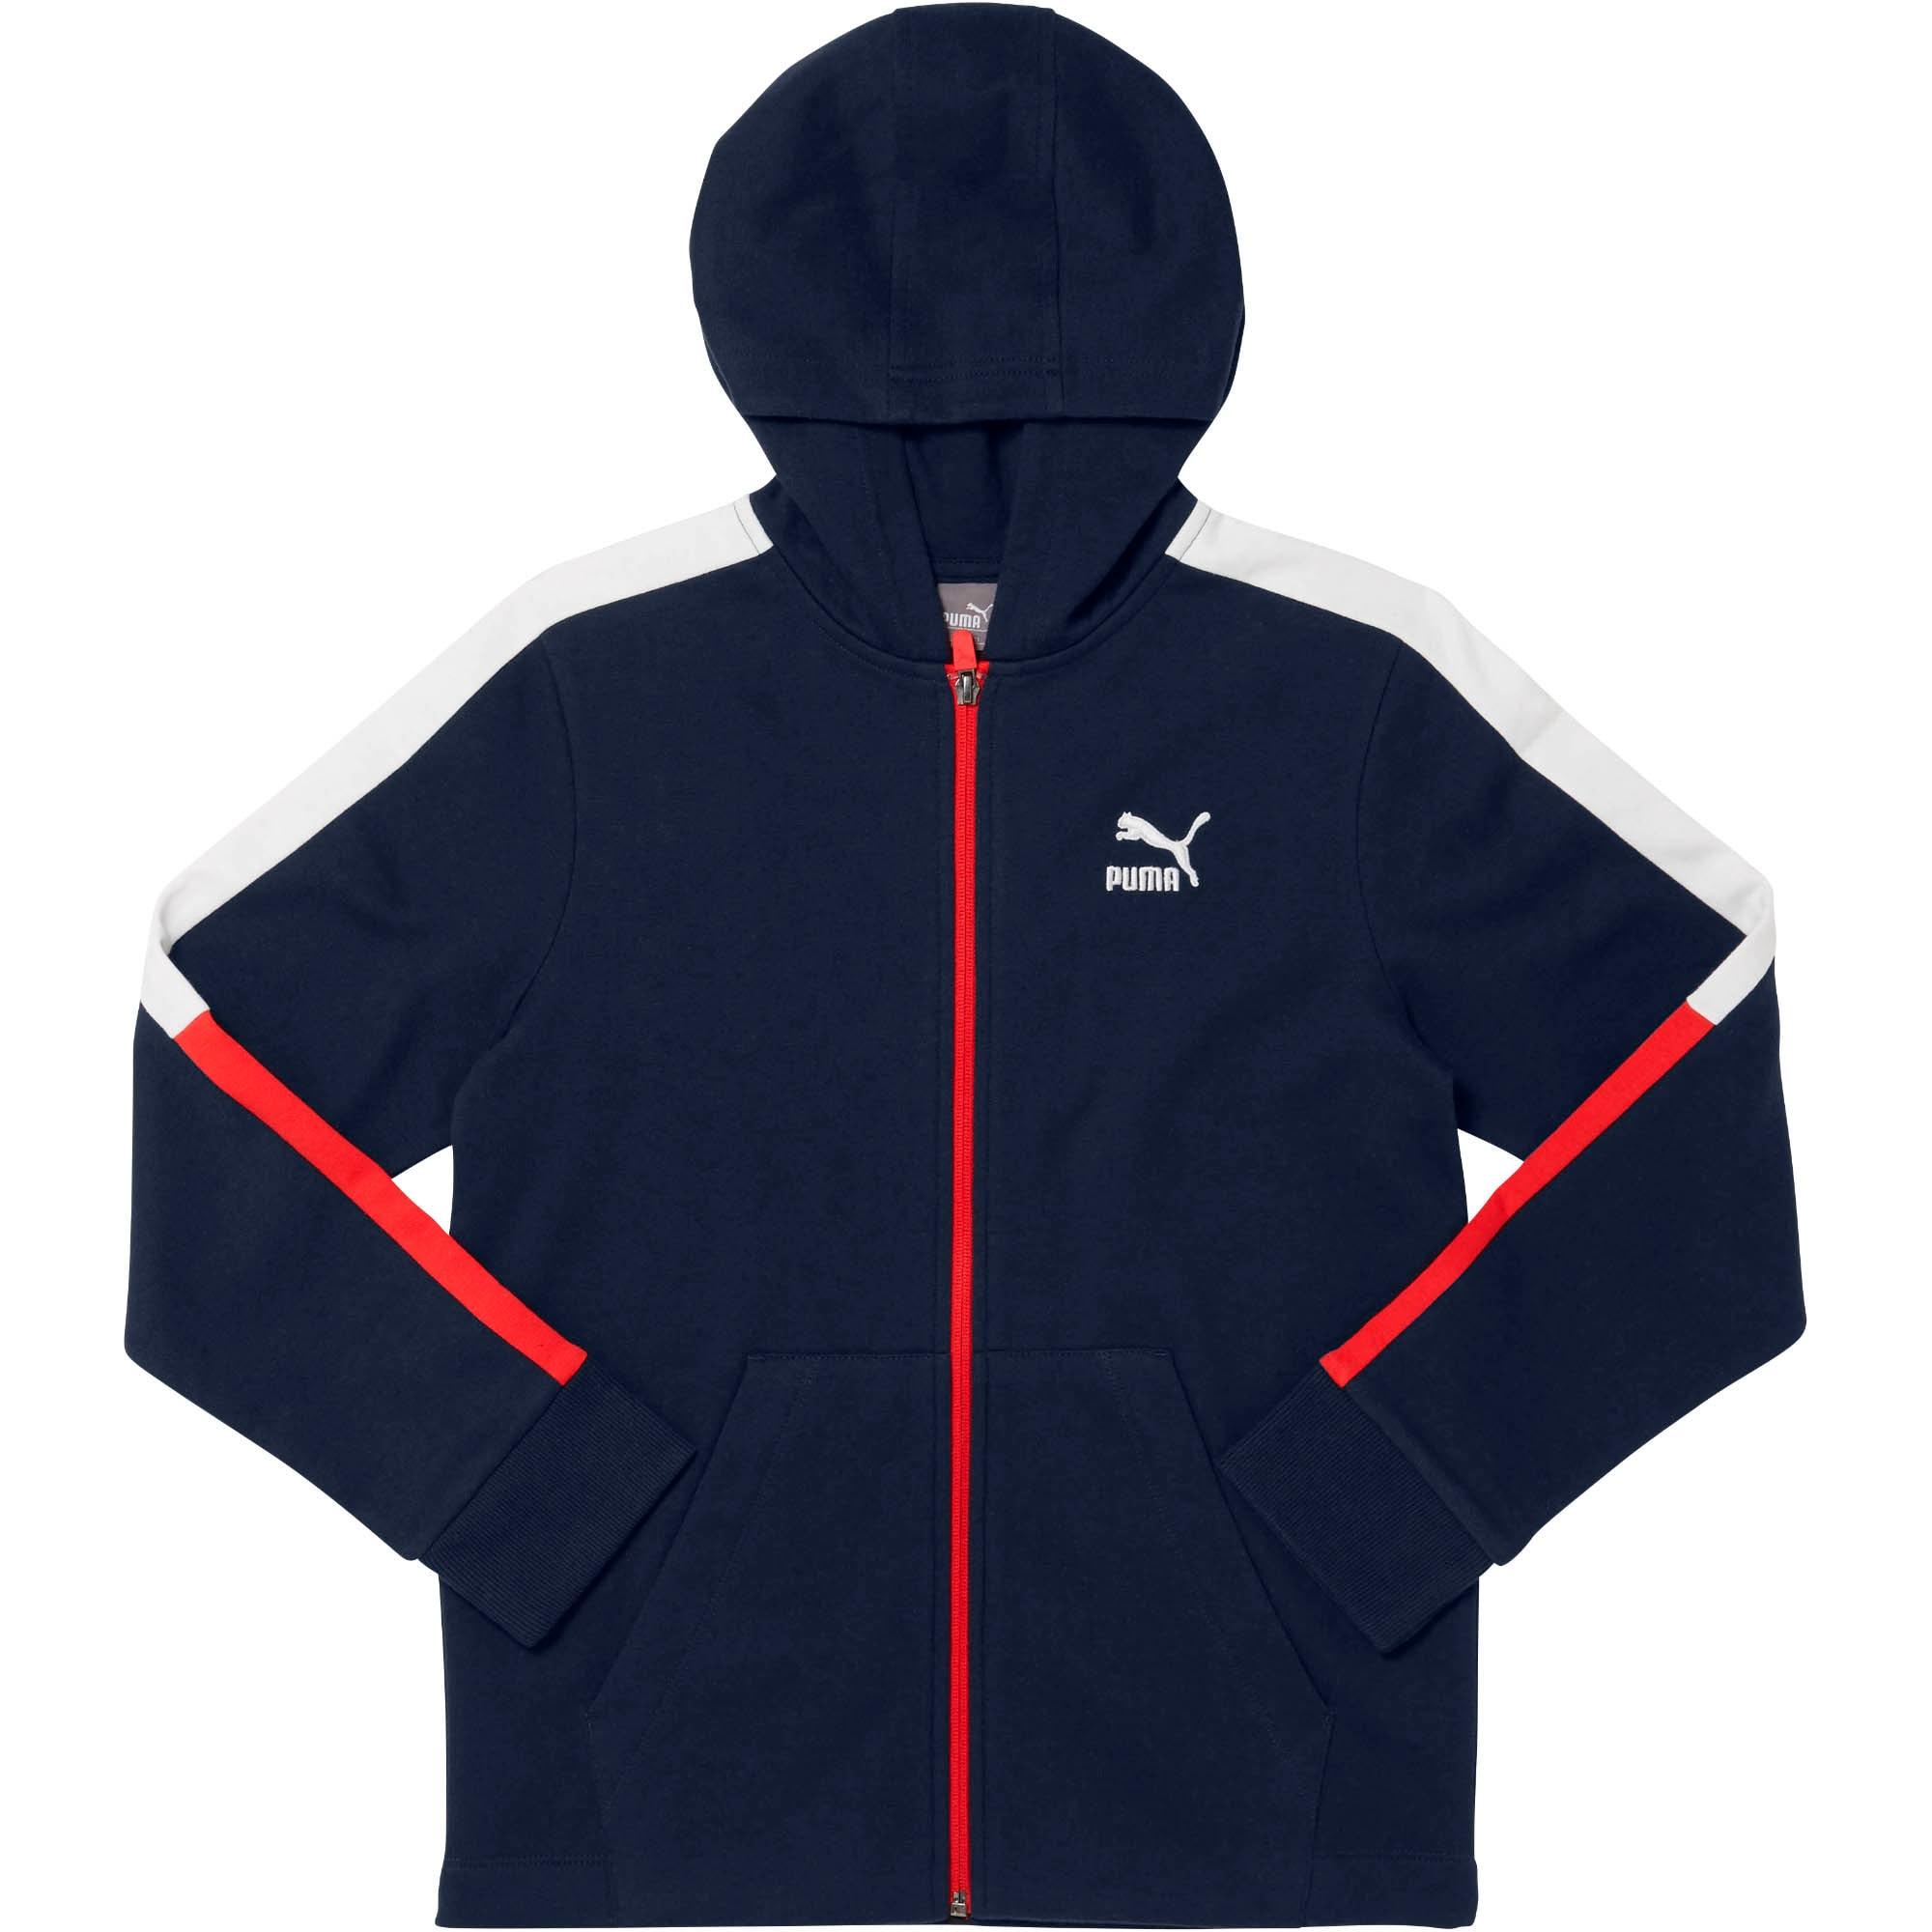 Hoodies PUMA Boys Active Hoodie Hooded Sweatshirt Clothing & Accessories  nsclra.ca